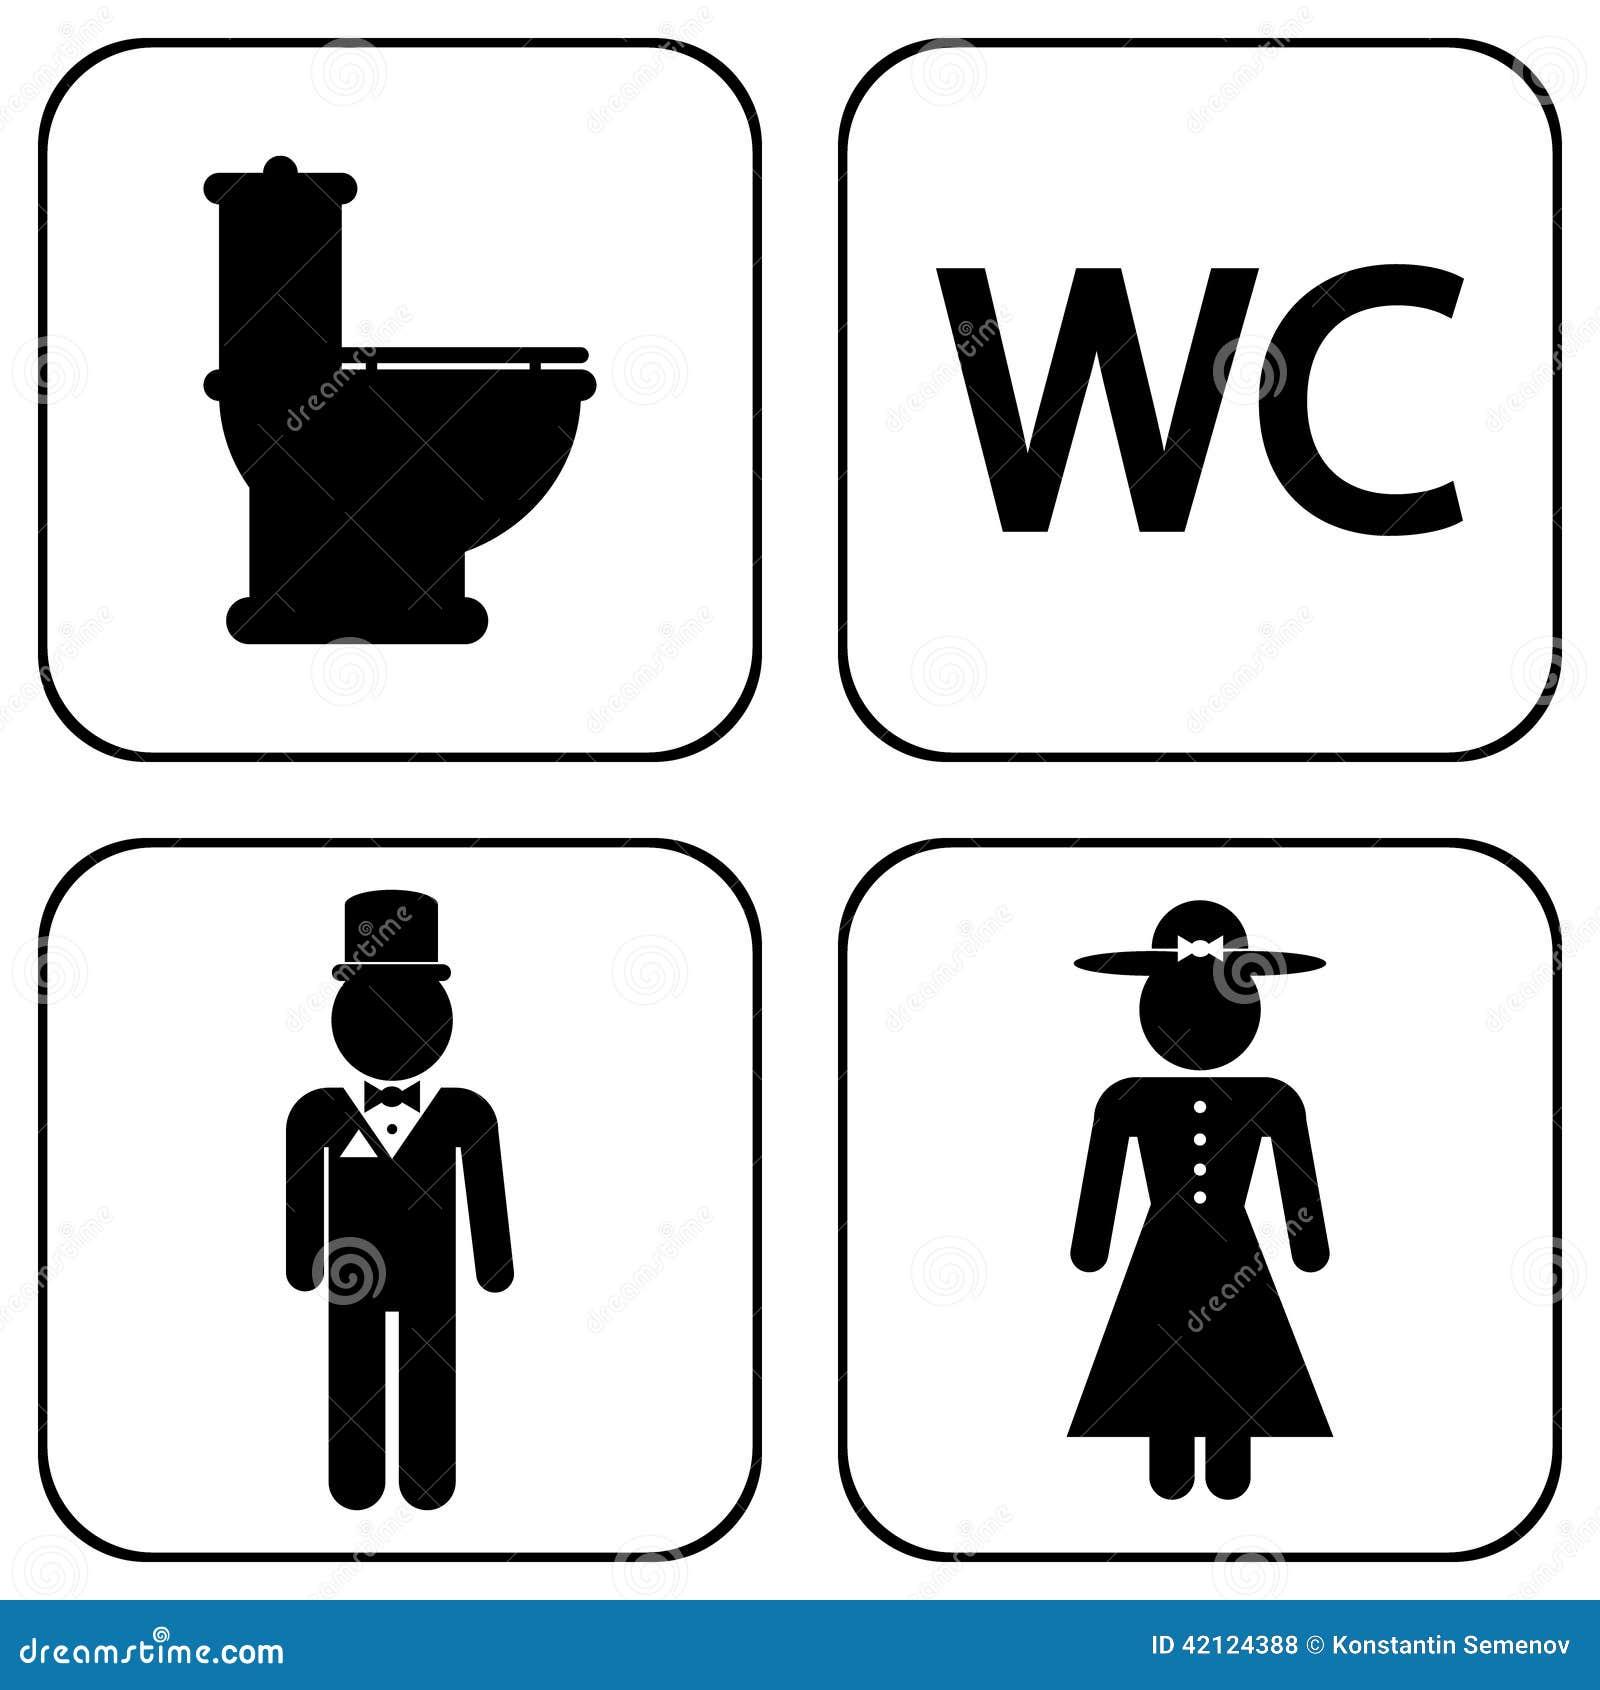 Icone del wc illustrazione vettoriale illustrazione di for Wc immagini